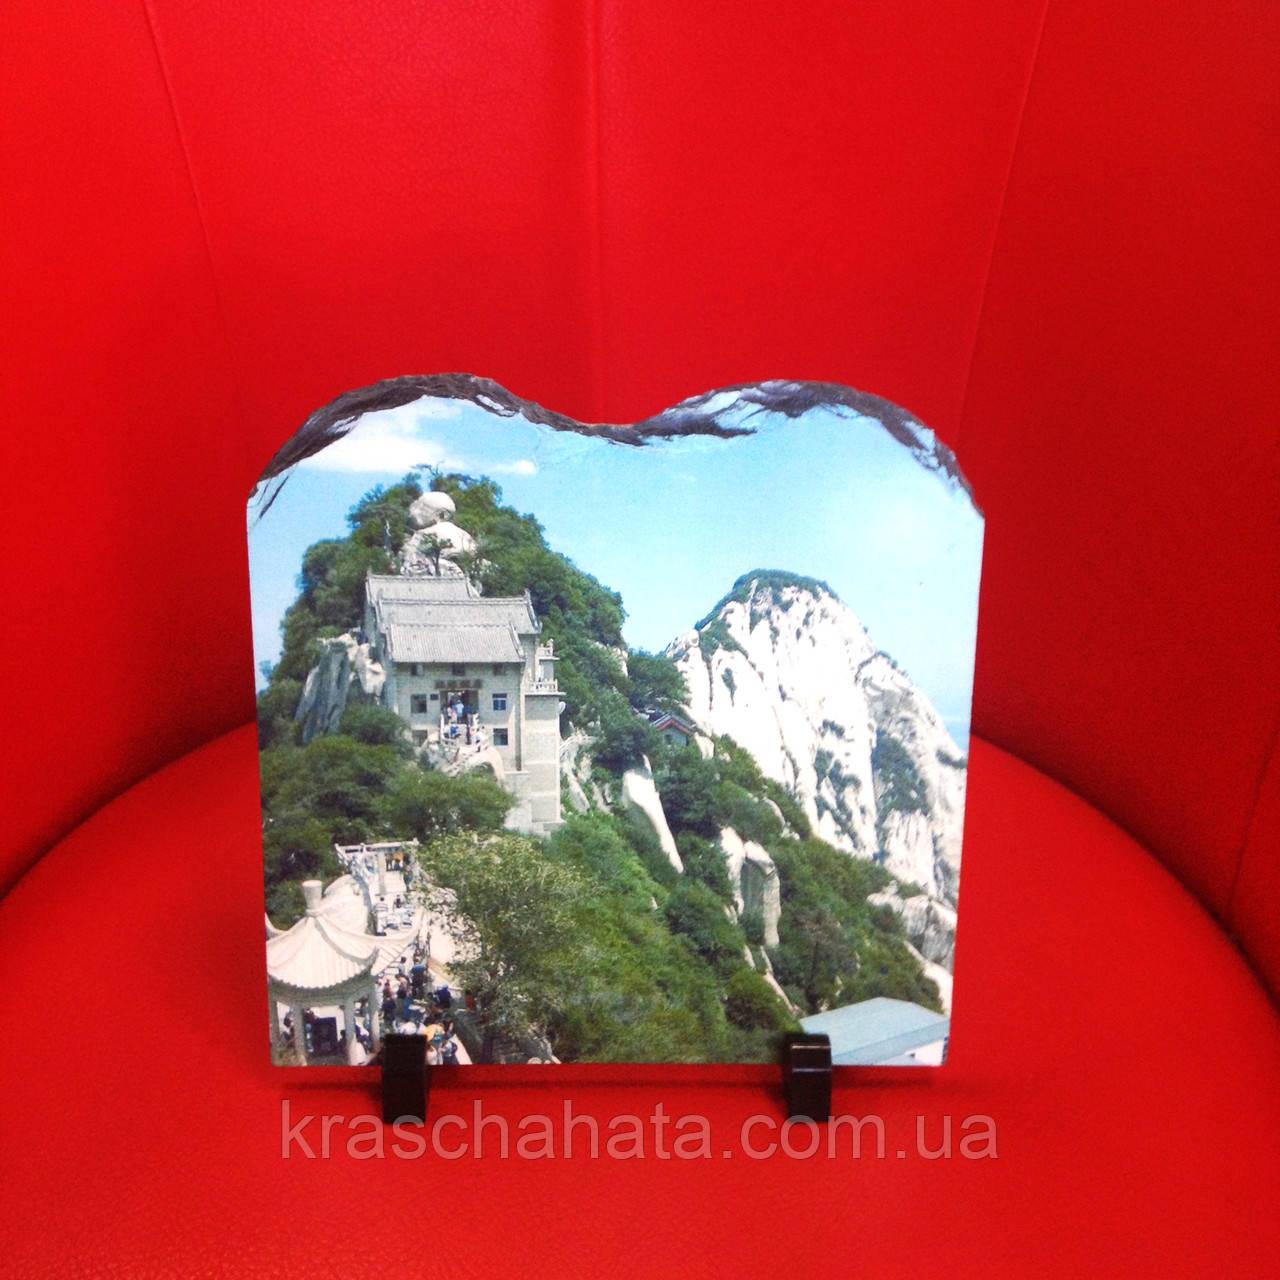 Картинка на камені, Таїланд, Подарунки для туристів, Дніпропетровськ